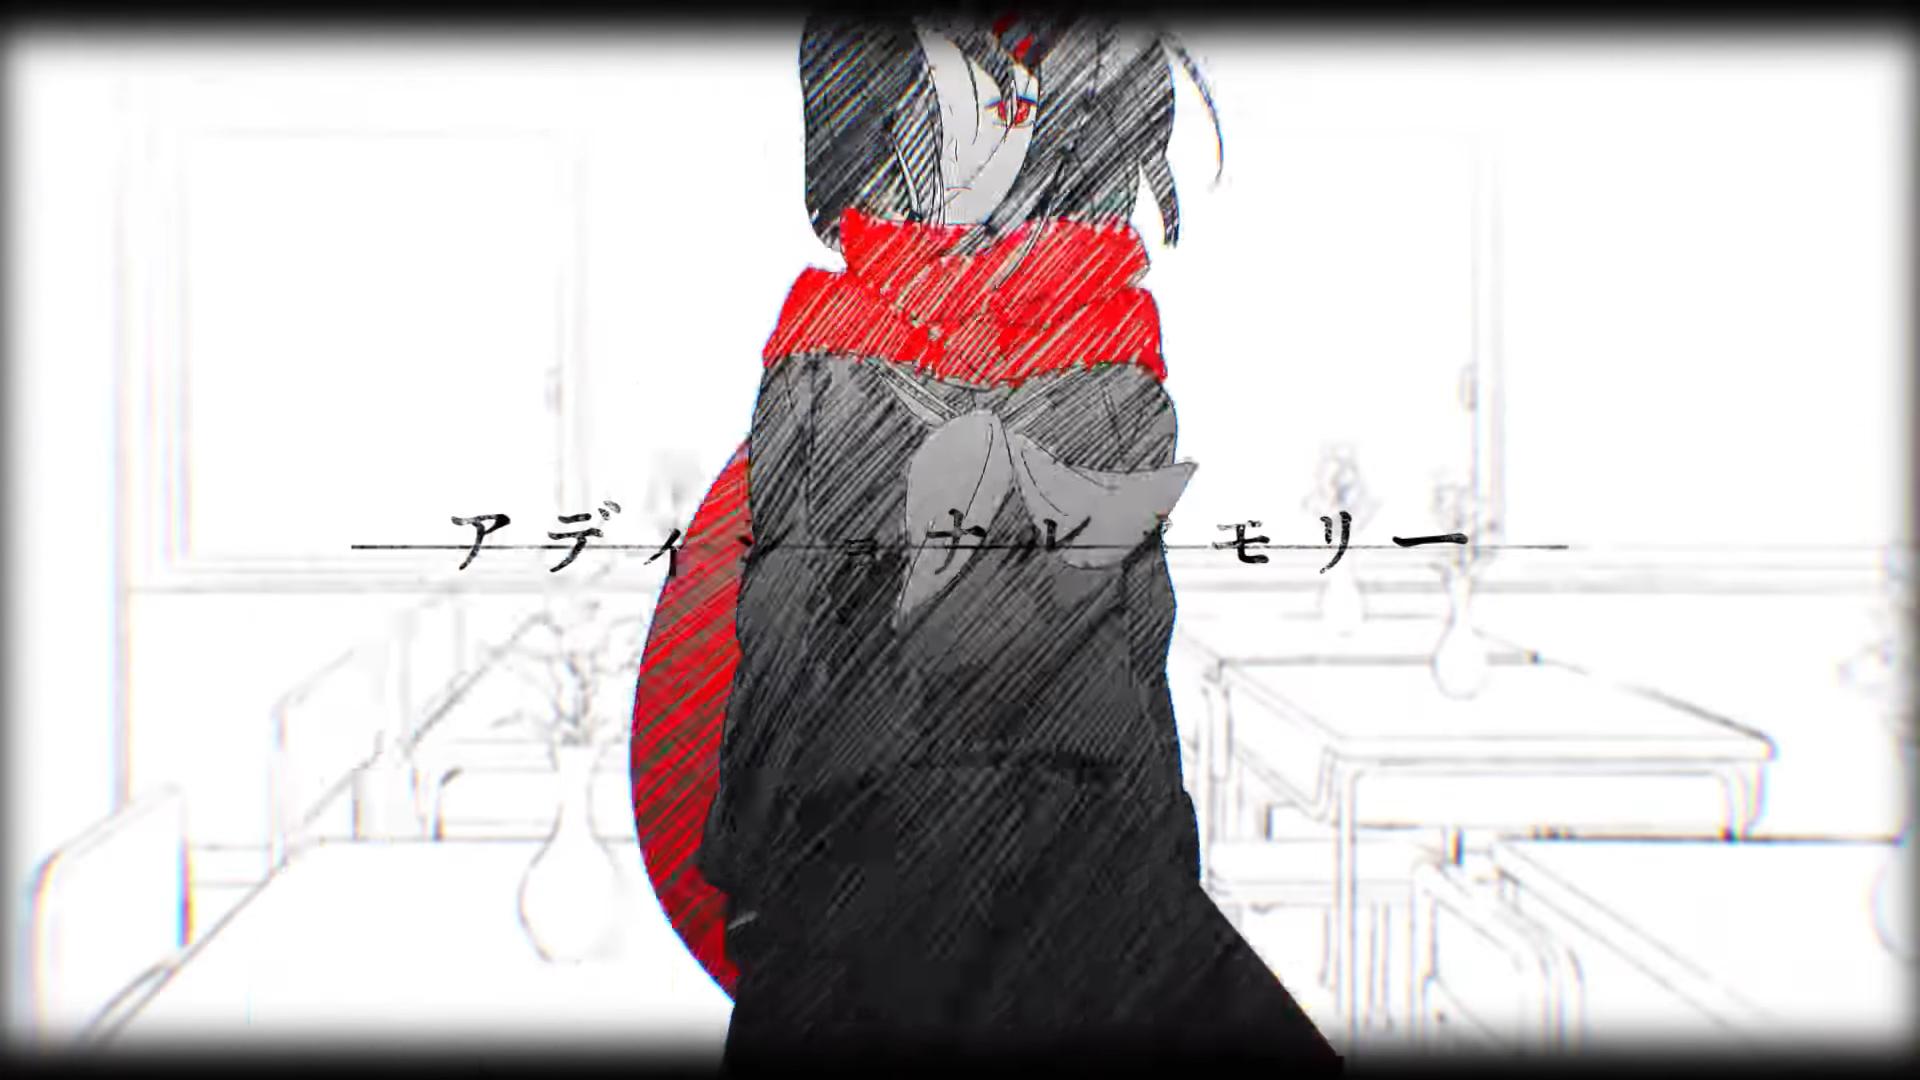 アディショナルメモリー (Additional Memory)